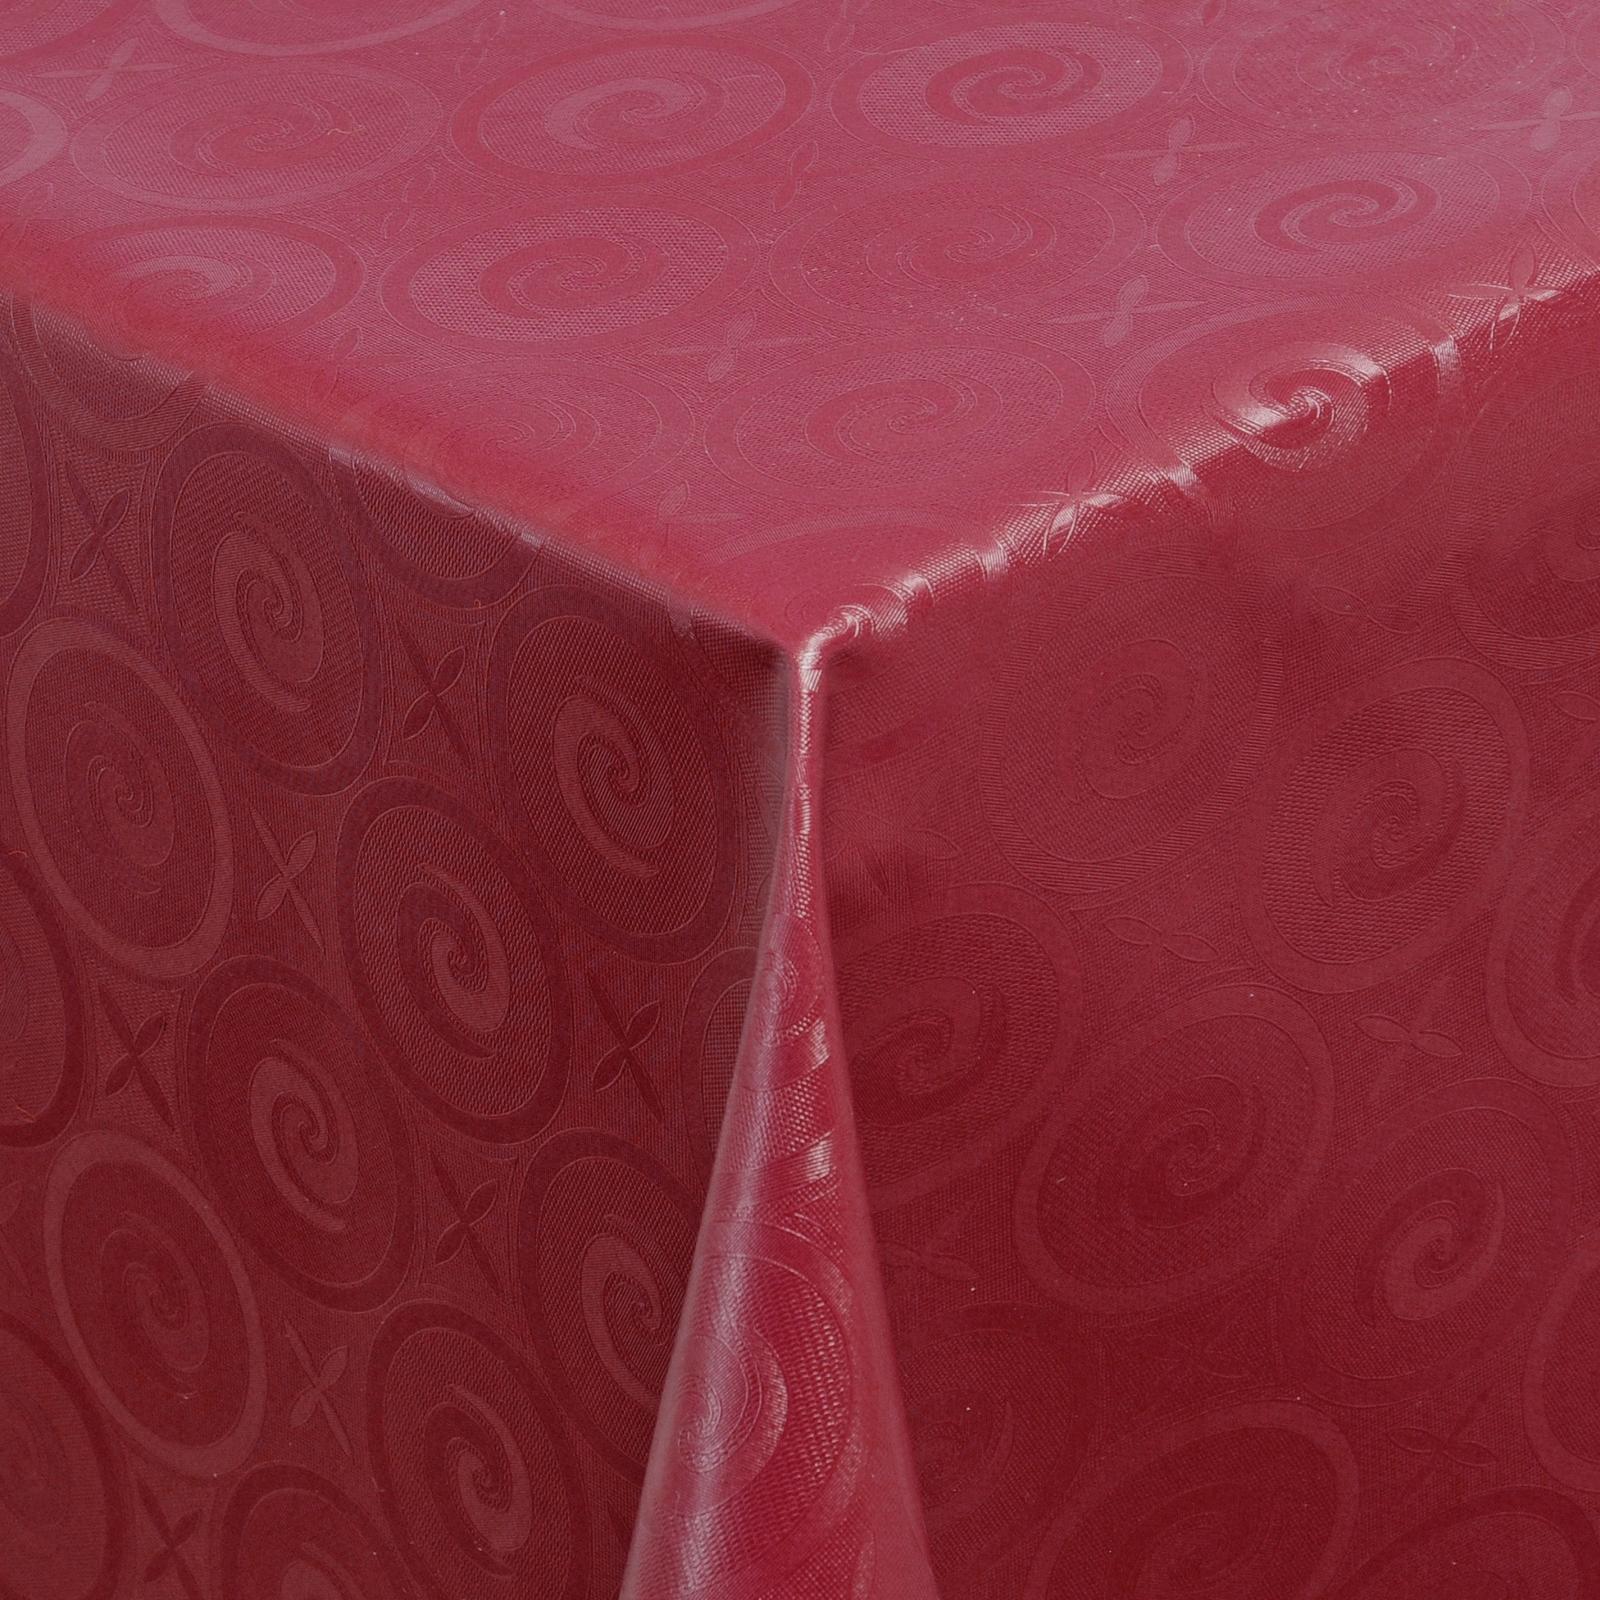 tischdecke abwaschbar wachstuch relief kreise rot im wunschma ebay. Black Bedroom Furniture Sets. Home Design Ideas